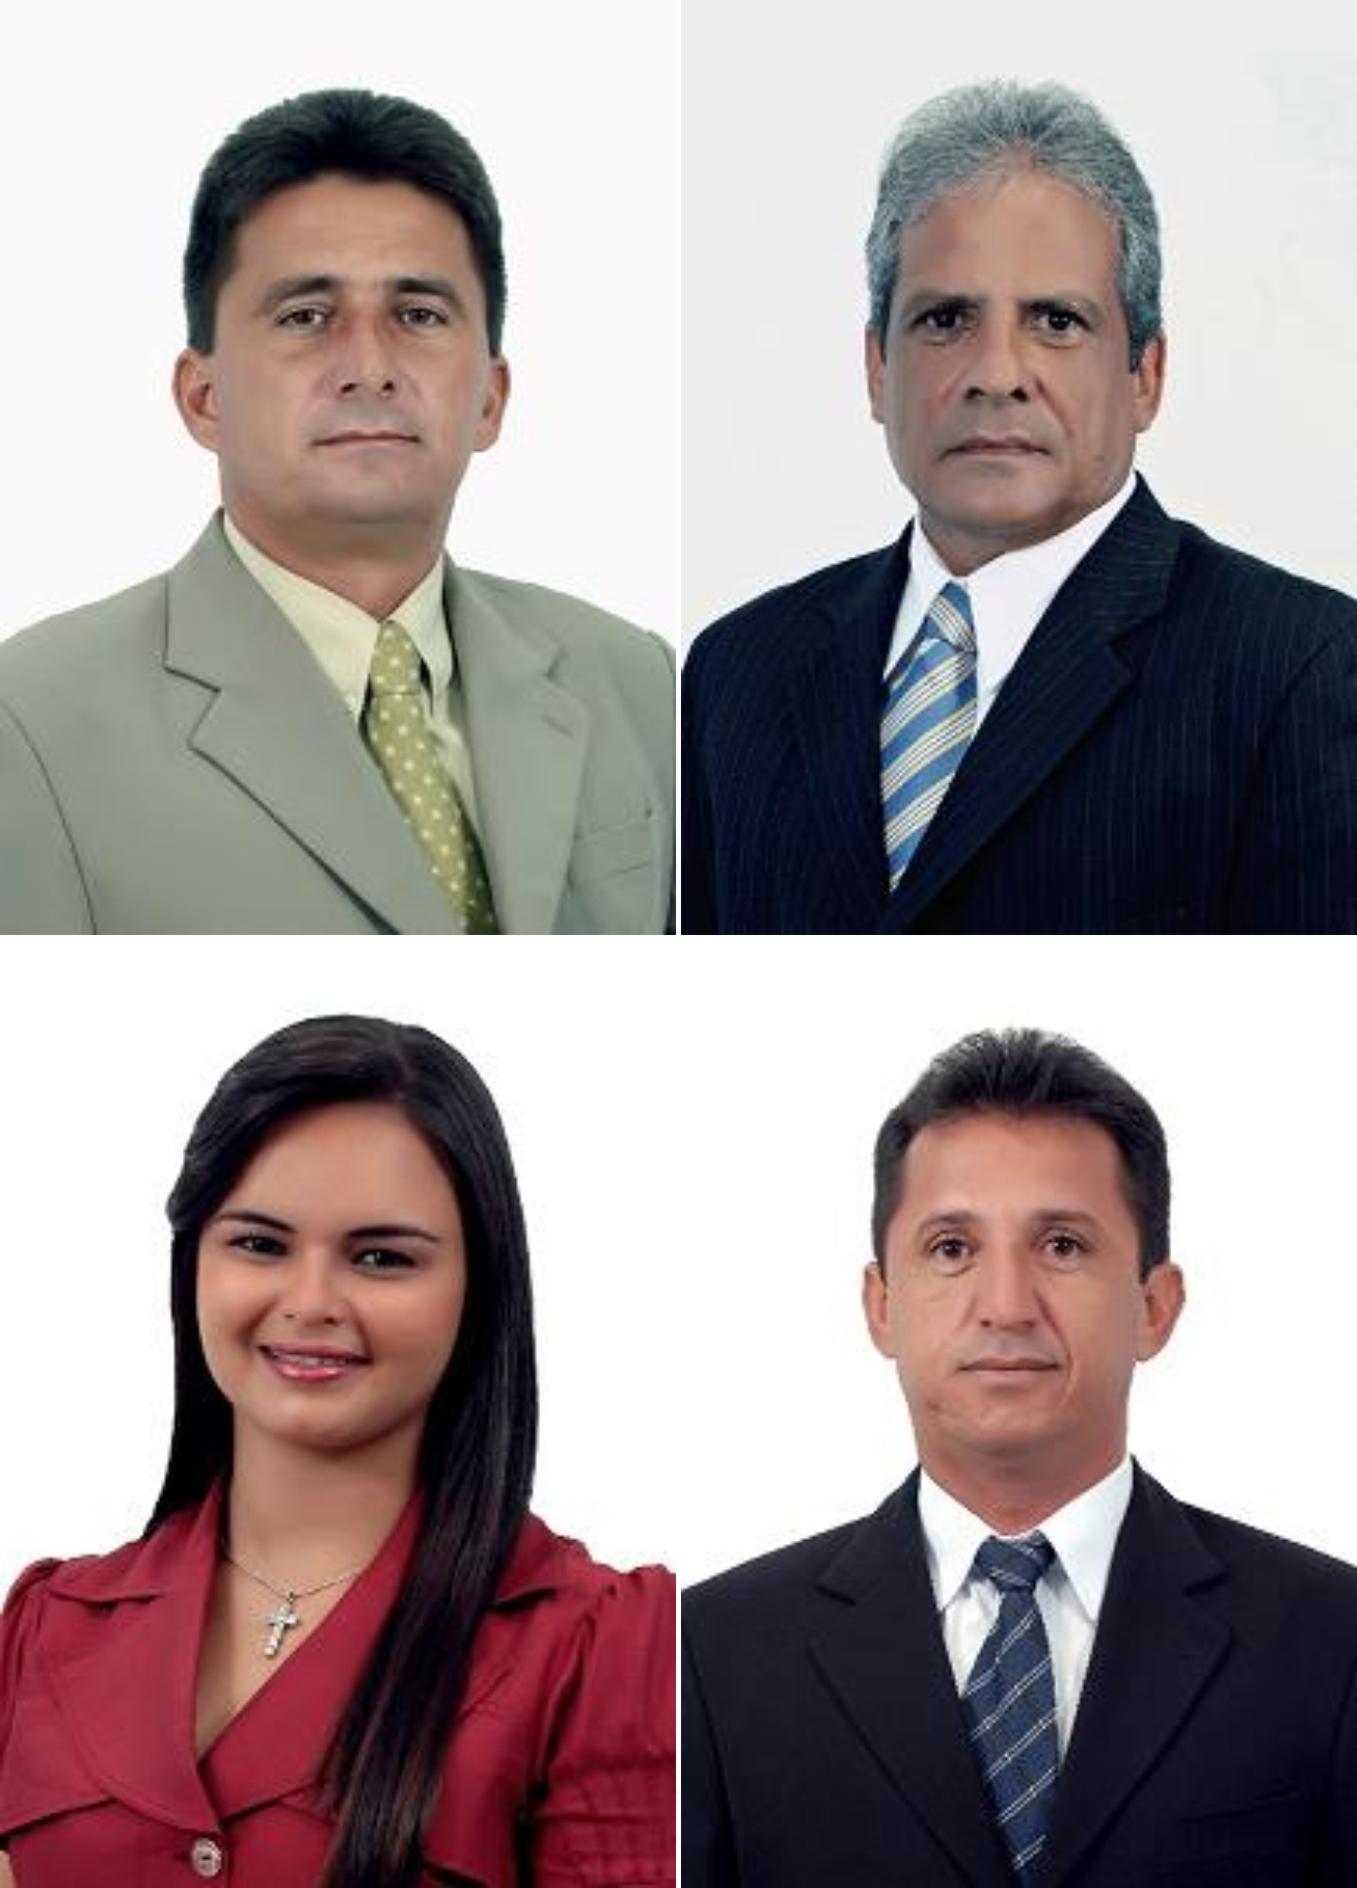 18ª Reunião do I Período Legislativo de 2009